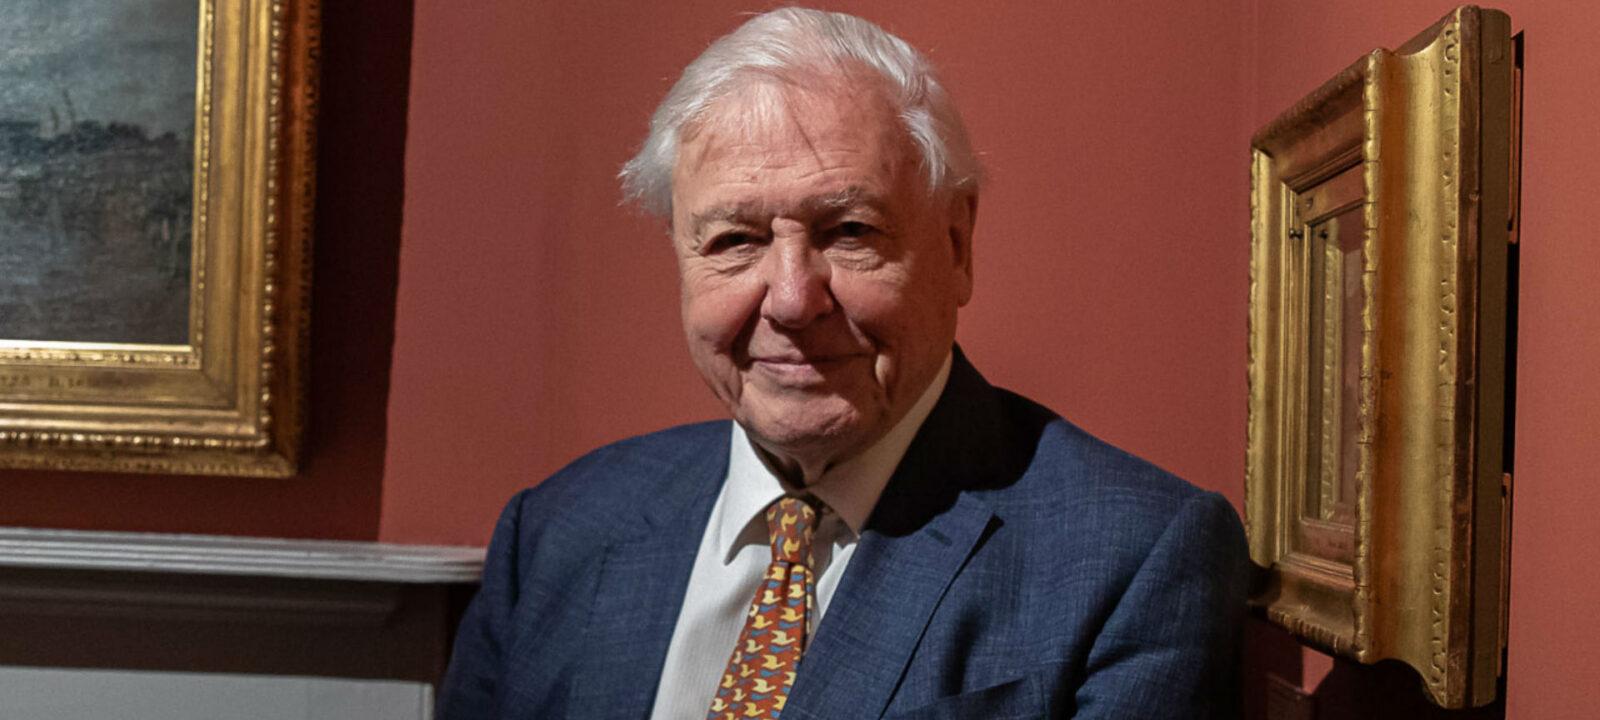 Sir David Attenborough 2021